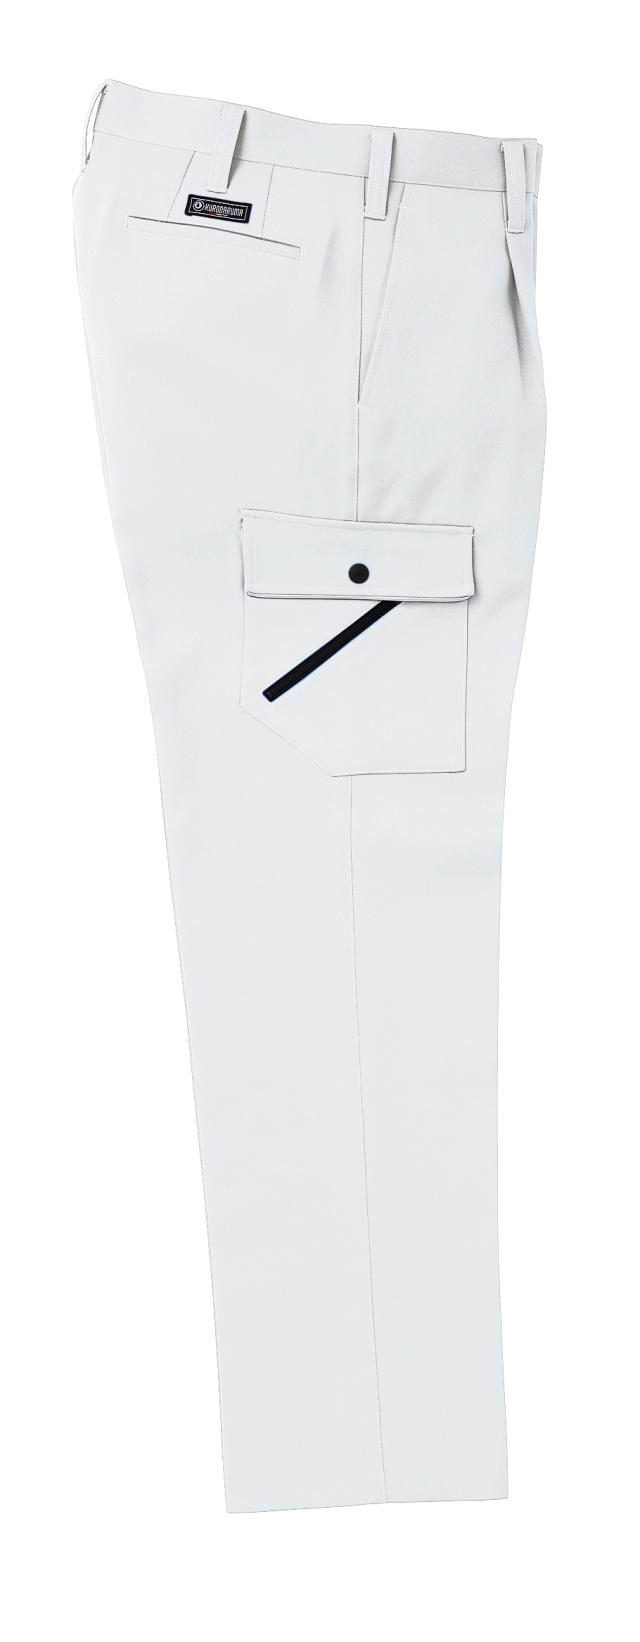 クロダルマ     355961      レディ―スカーゴパンツ